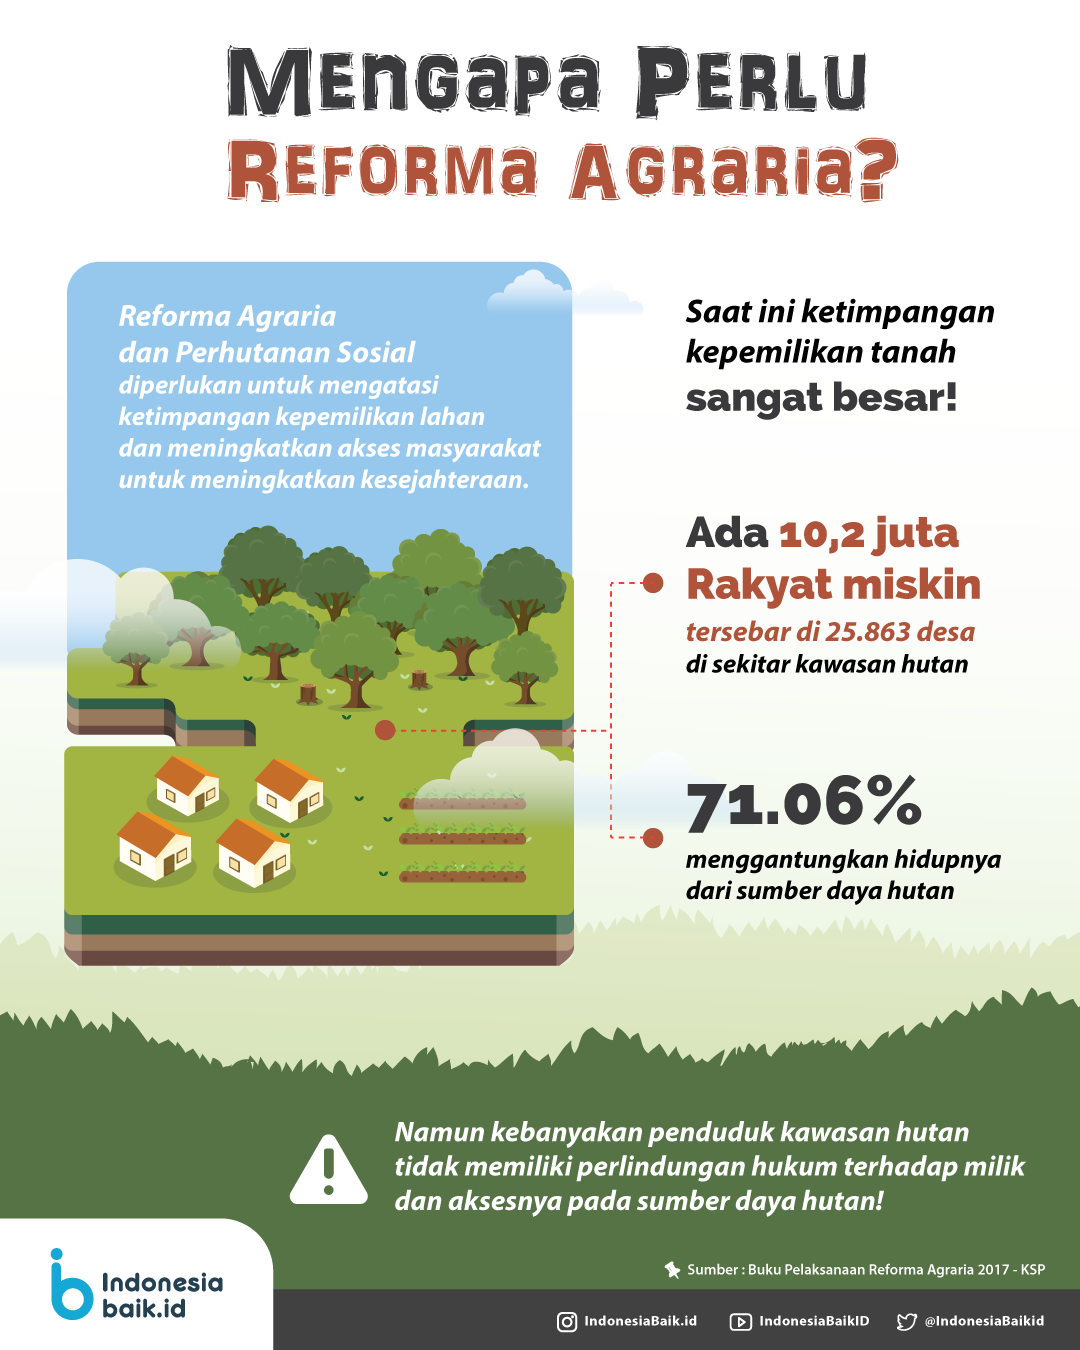 Mengapa Perlu Ada Reforma Agraria Indonesia Baik Belajar